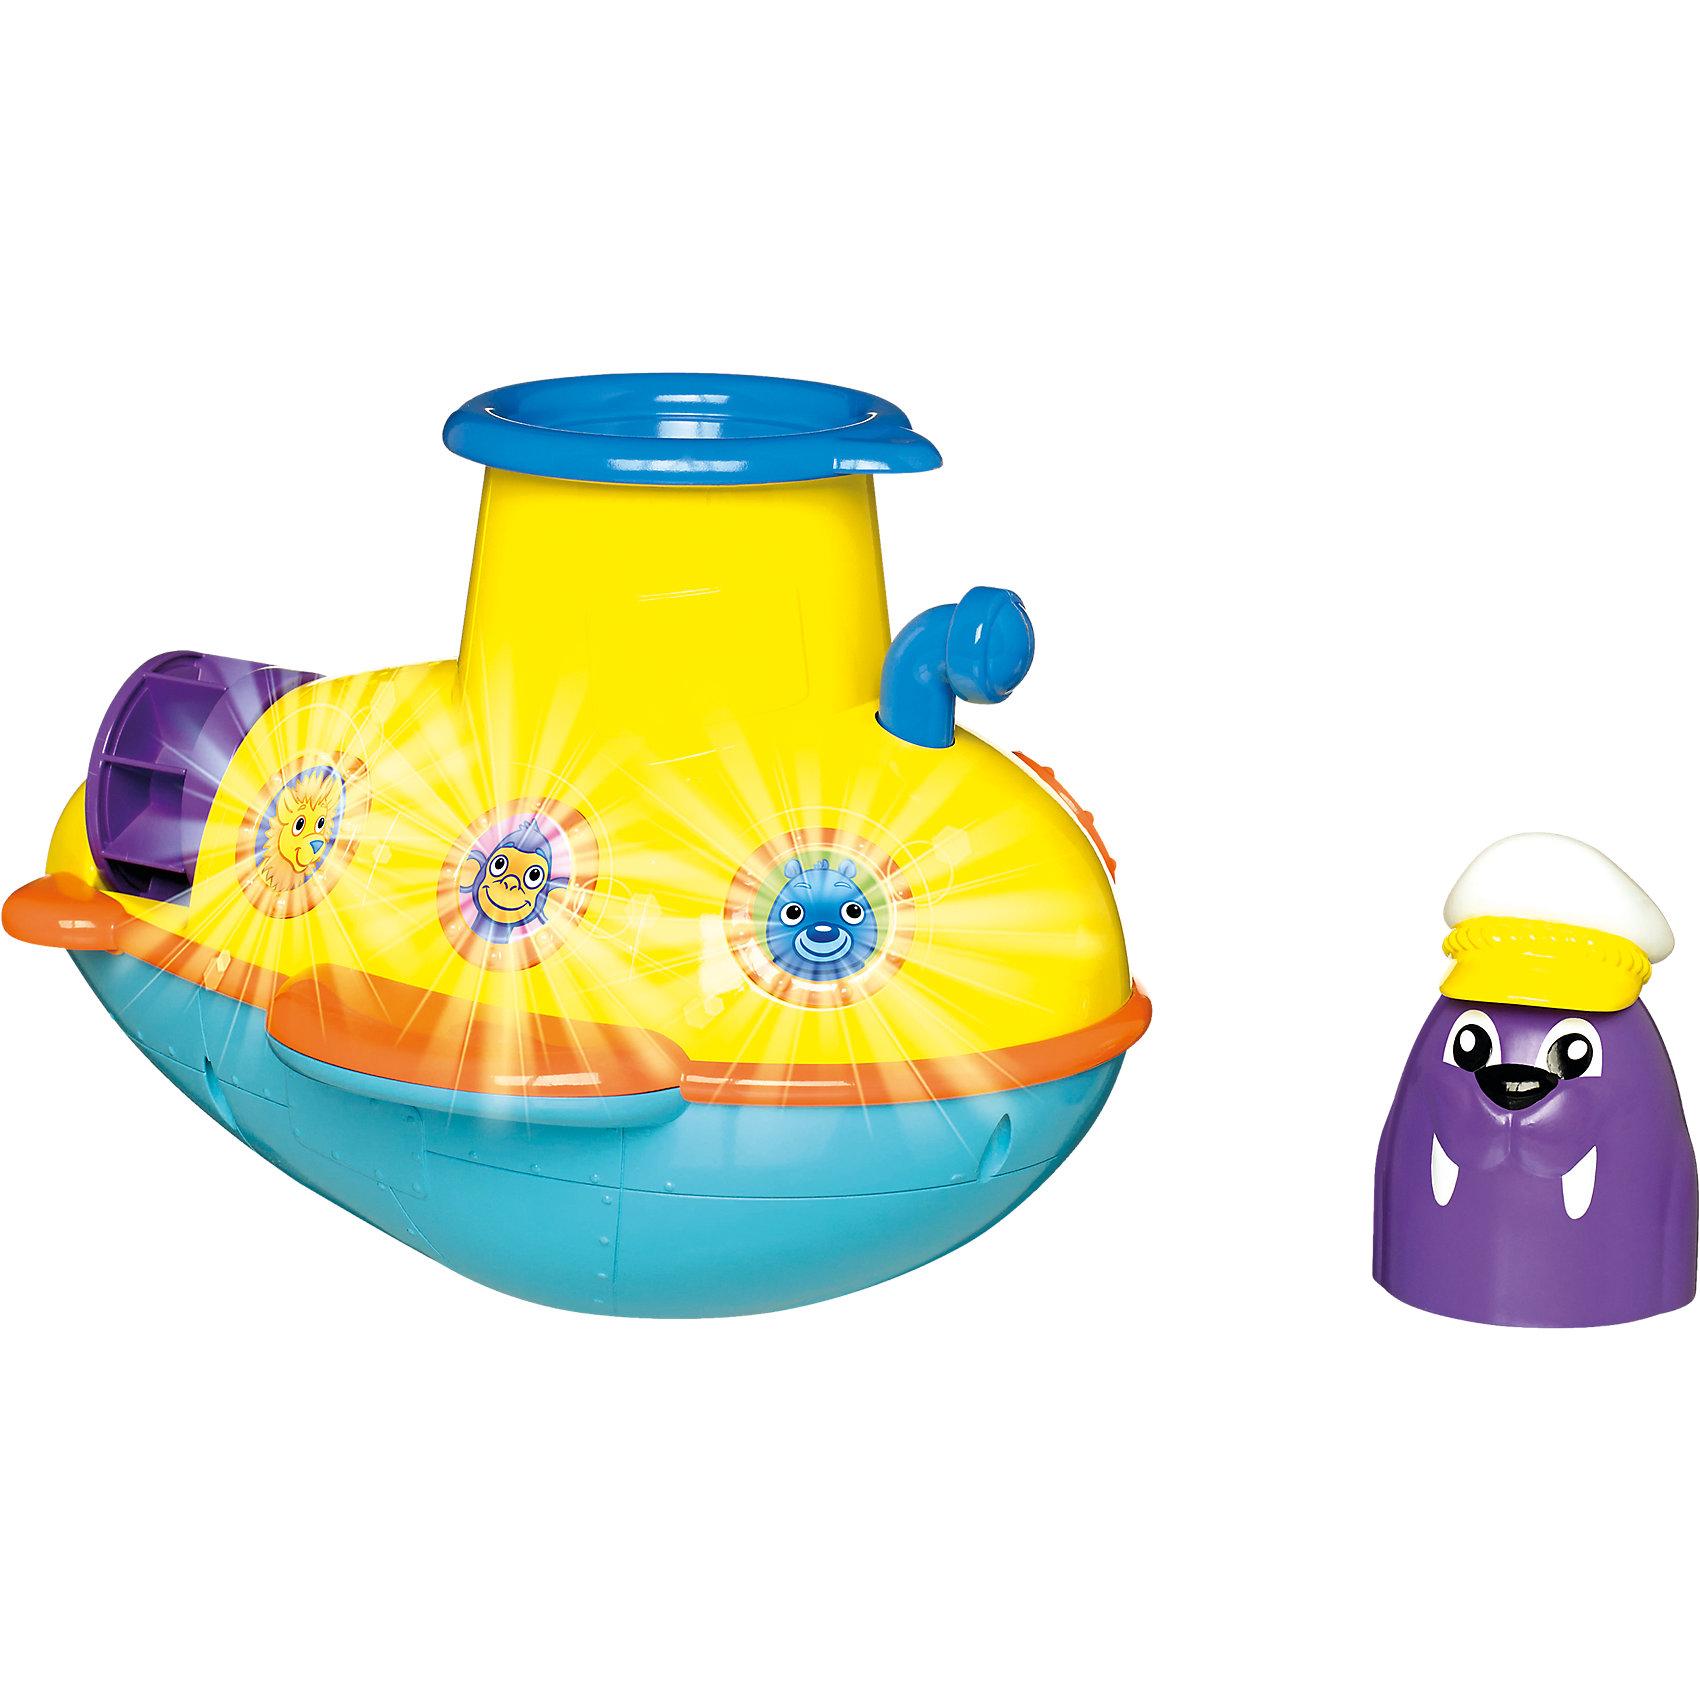 Игрушка  для ванной Подводная лодка, TOMYИгрушка для ванны Подводная лодка, Tomy (Томи) - забавная яркая игрушка, которая развлечет малыша во время купания. Красочная лодка под управлением капитана Моржа отправляется в увлекательное исследование морских глубин. Лодка выполнена из качественного пластика и имеет округлую форму без острых углов, удобную для детских ручек. В верхней части лодки находится люк, через который можно увидеть разноцветных рыбок. А если поместить туда капитана моржа и нажать на кнопку запуска он забавно выстрелит в воду. Нажмите на перископ и лодка будет играть веселые морские мелодии и издавать реалистичные морские звуки. Переднее окошко подсвечивается, так что малыш сможет наблюдать за приключениями лодки под водой.<br><br>Дополнительная информация:<br><br>- В комплекте: подводная лодка, фигурка капитана моржа.<br>- Материал: пластик.<br>- Требуются батарейки: 3 х AAA (входят в комплект).<br>- Размер игрушки: 16,6 x 21,8 x 15,4 см. <br>- Вес: 0,54 кг.<br><br> Игрушку для ванны Подводная лодка, Tomy (Томи), можно купить в нашем интернет-магазине.<br><br>Ширина мм: 267<br>Глубина мм: 223<br>Высота мм: 198<br>Вес г: 800<br>Возраст от месяцев: 18<br>Возраст до месяцев: 36<br>Пол: Унисекс<br>Возраст: Детский<br>SKU: 3965960